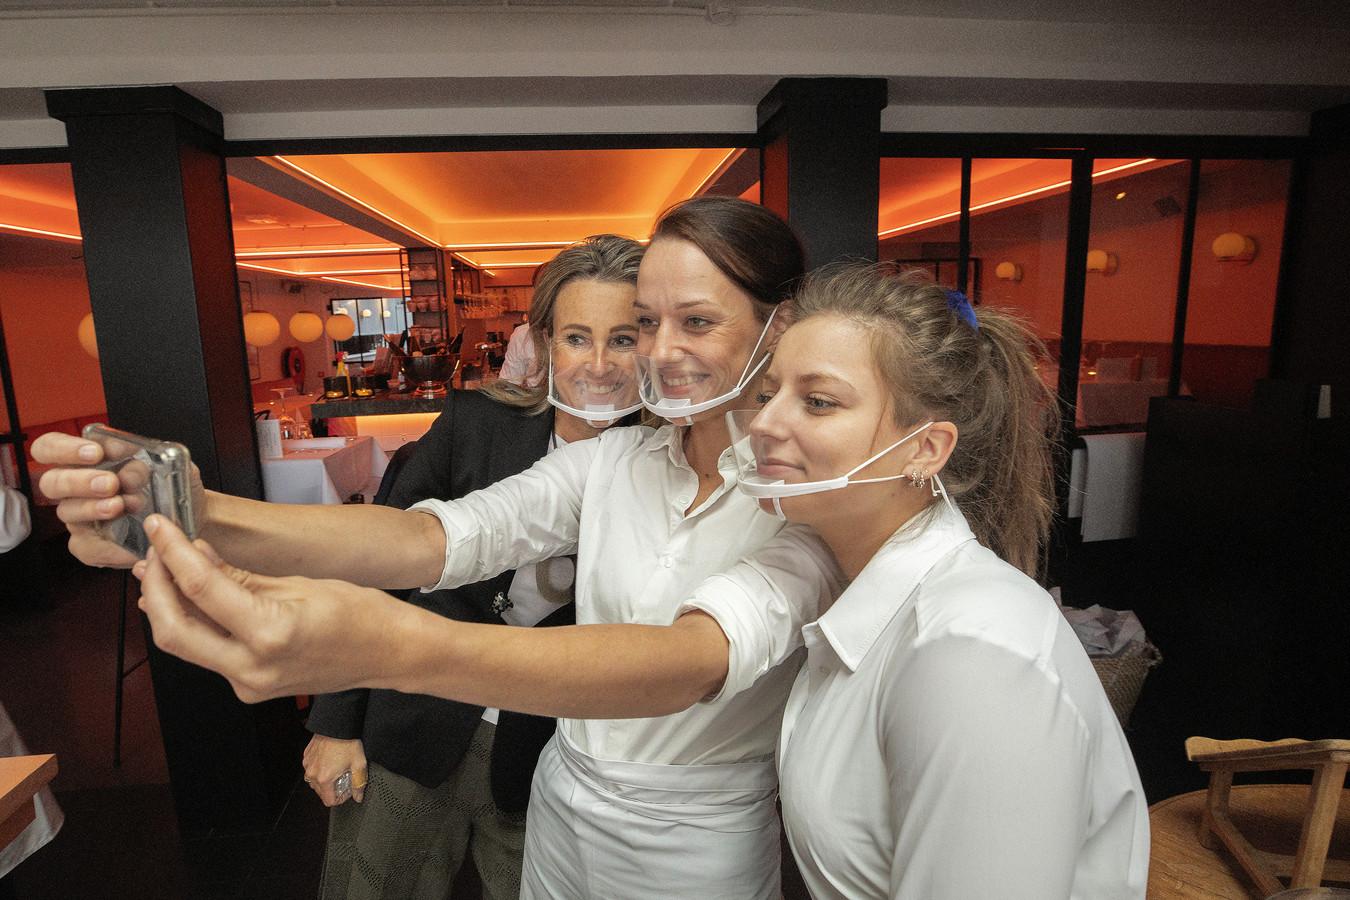 Bij Brasserie Bellevue aan de Kleine Berg in Eindhoven werkt personeel met transparante mondkapjes.